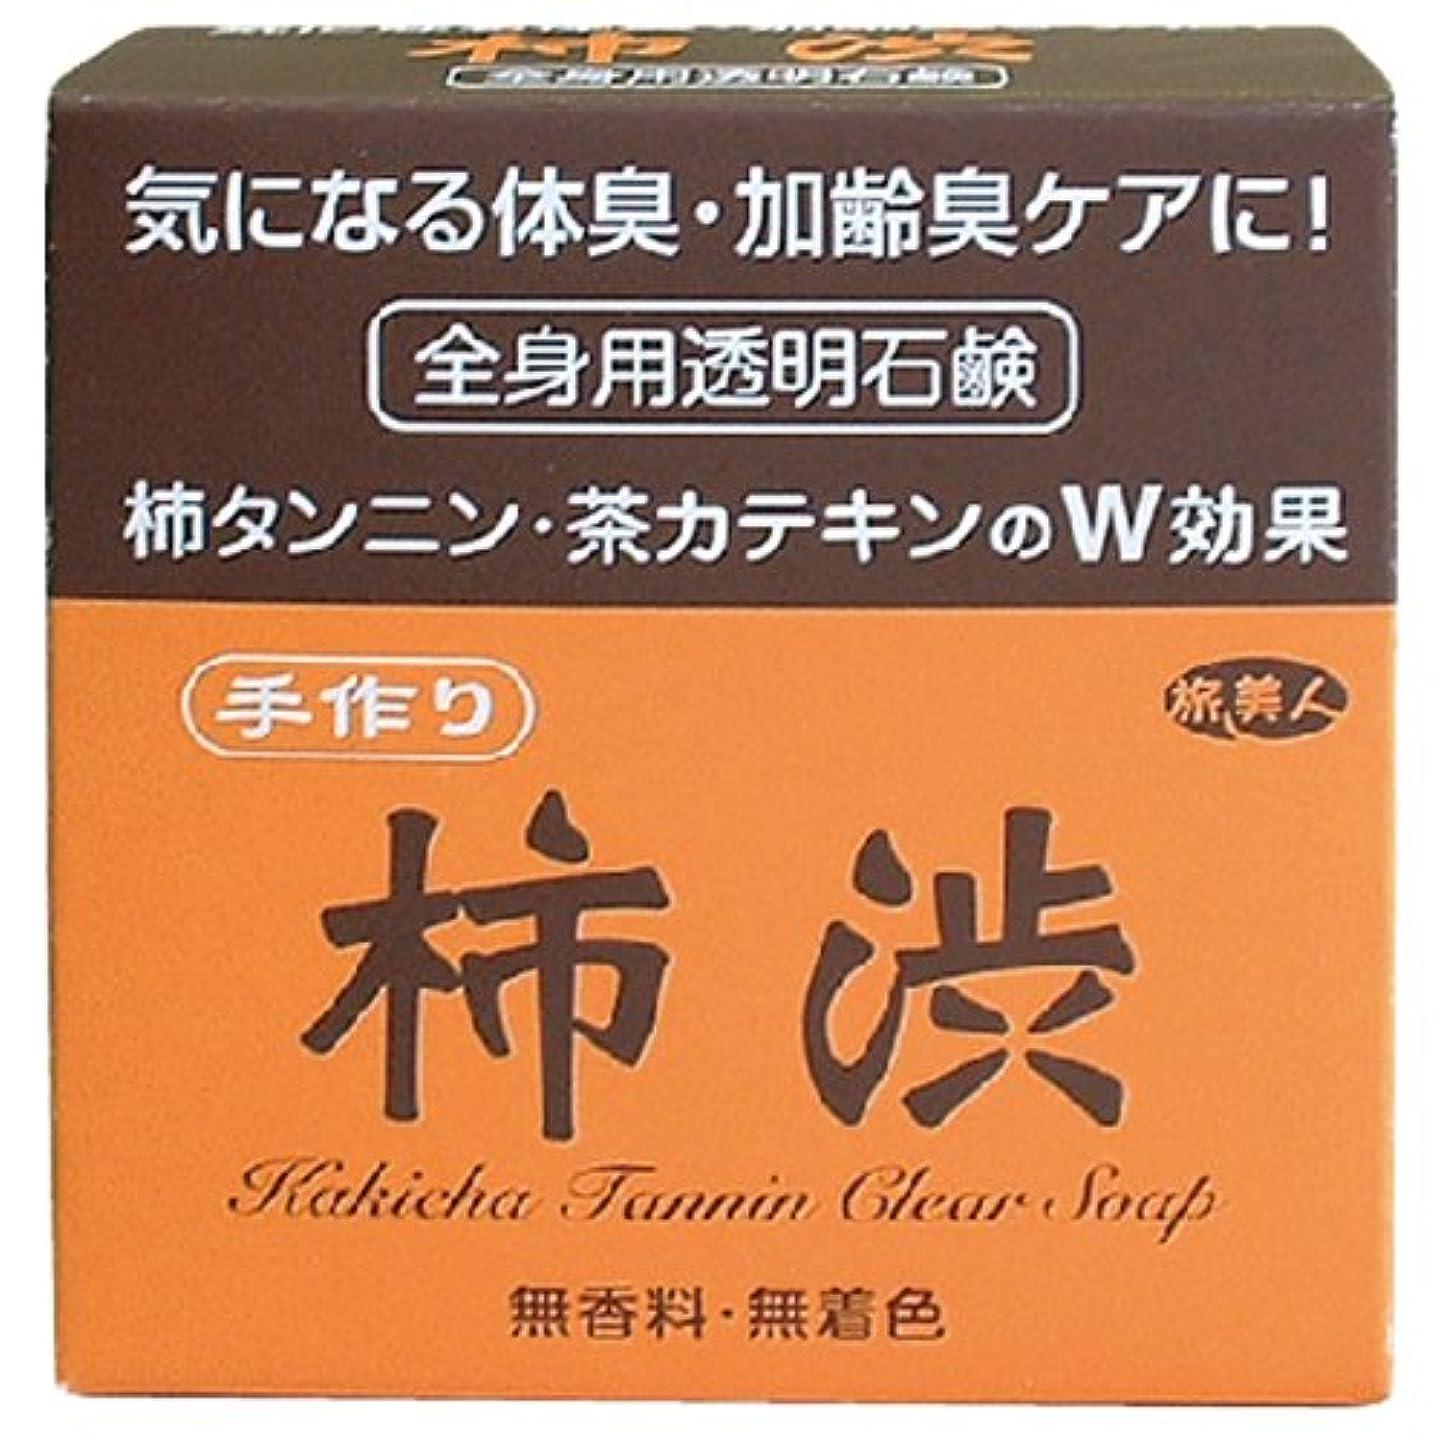 変化狂人トランザクション気になる体臭?加齢臭ケアに アズマ商事の手作り柿渋透明石鹸